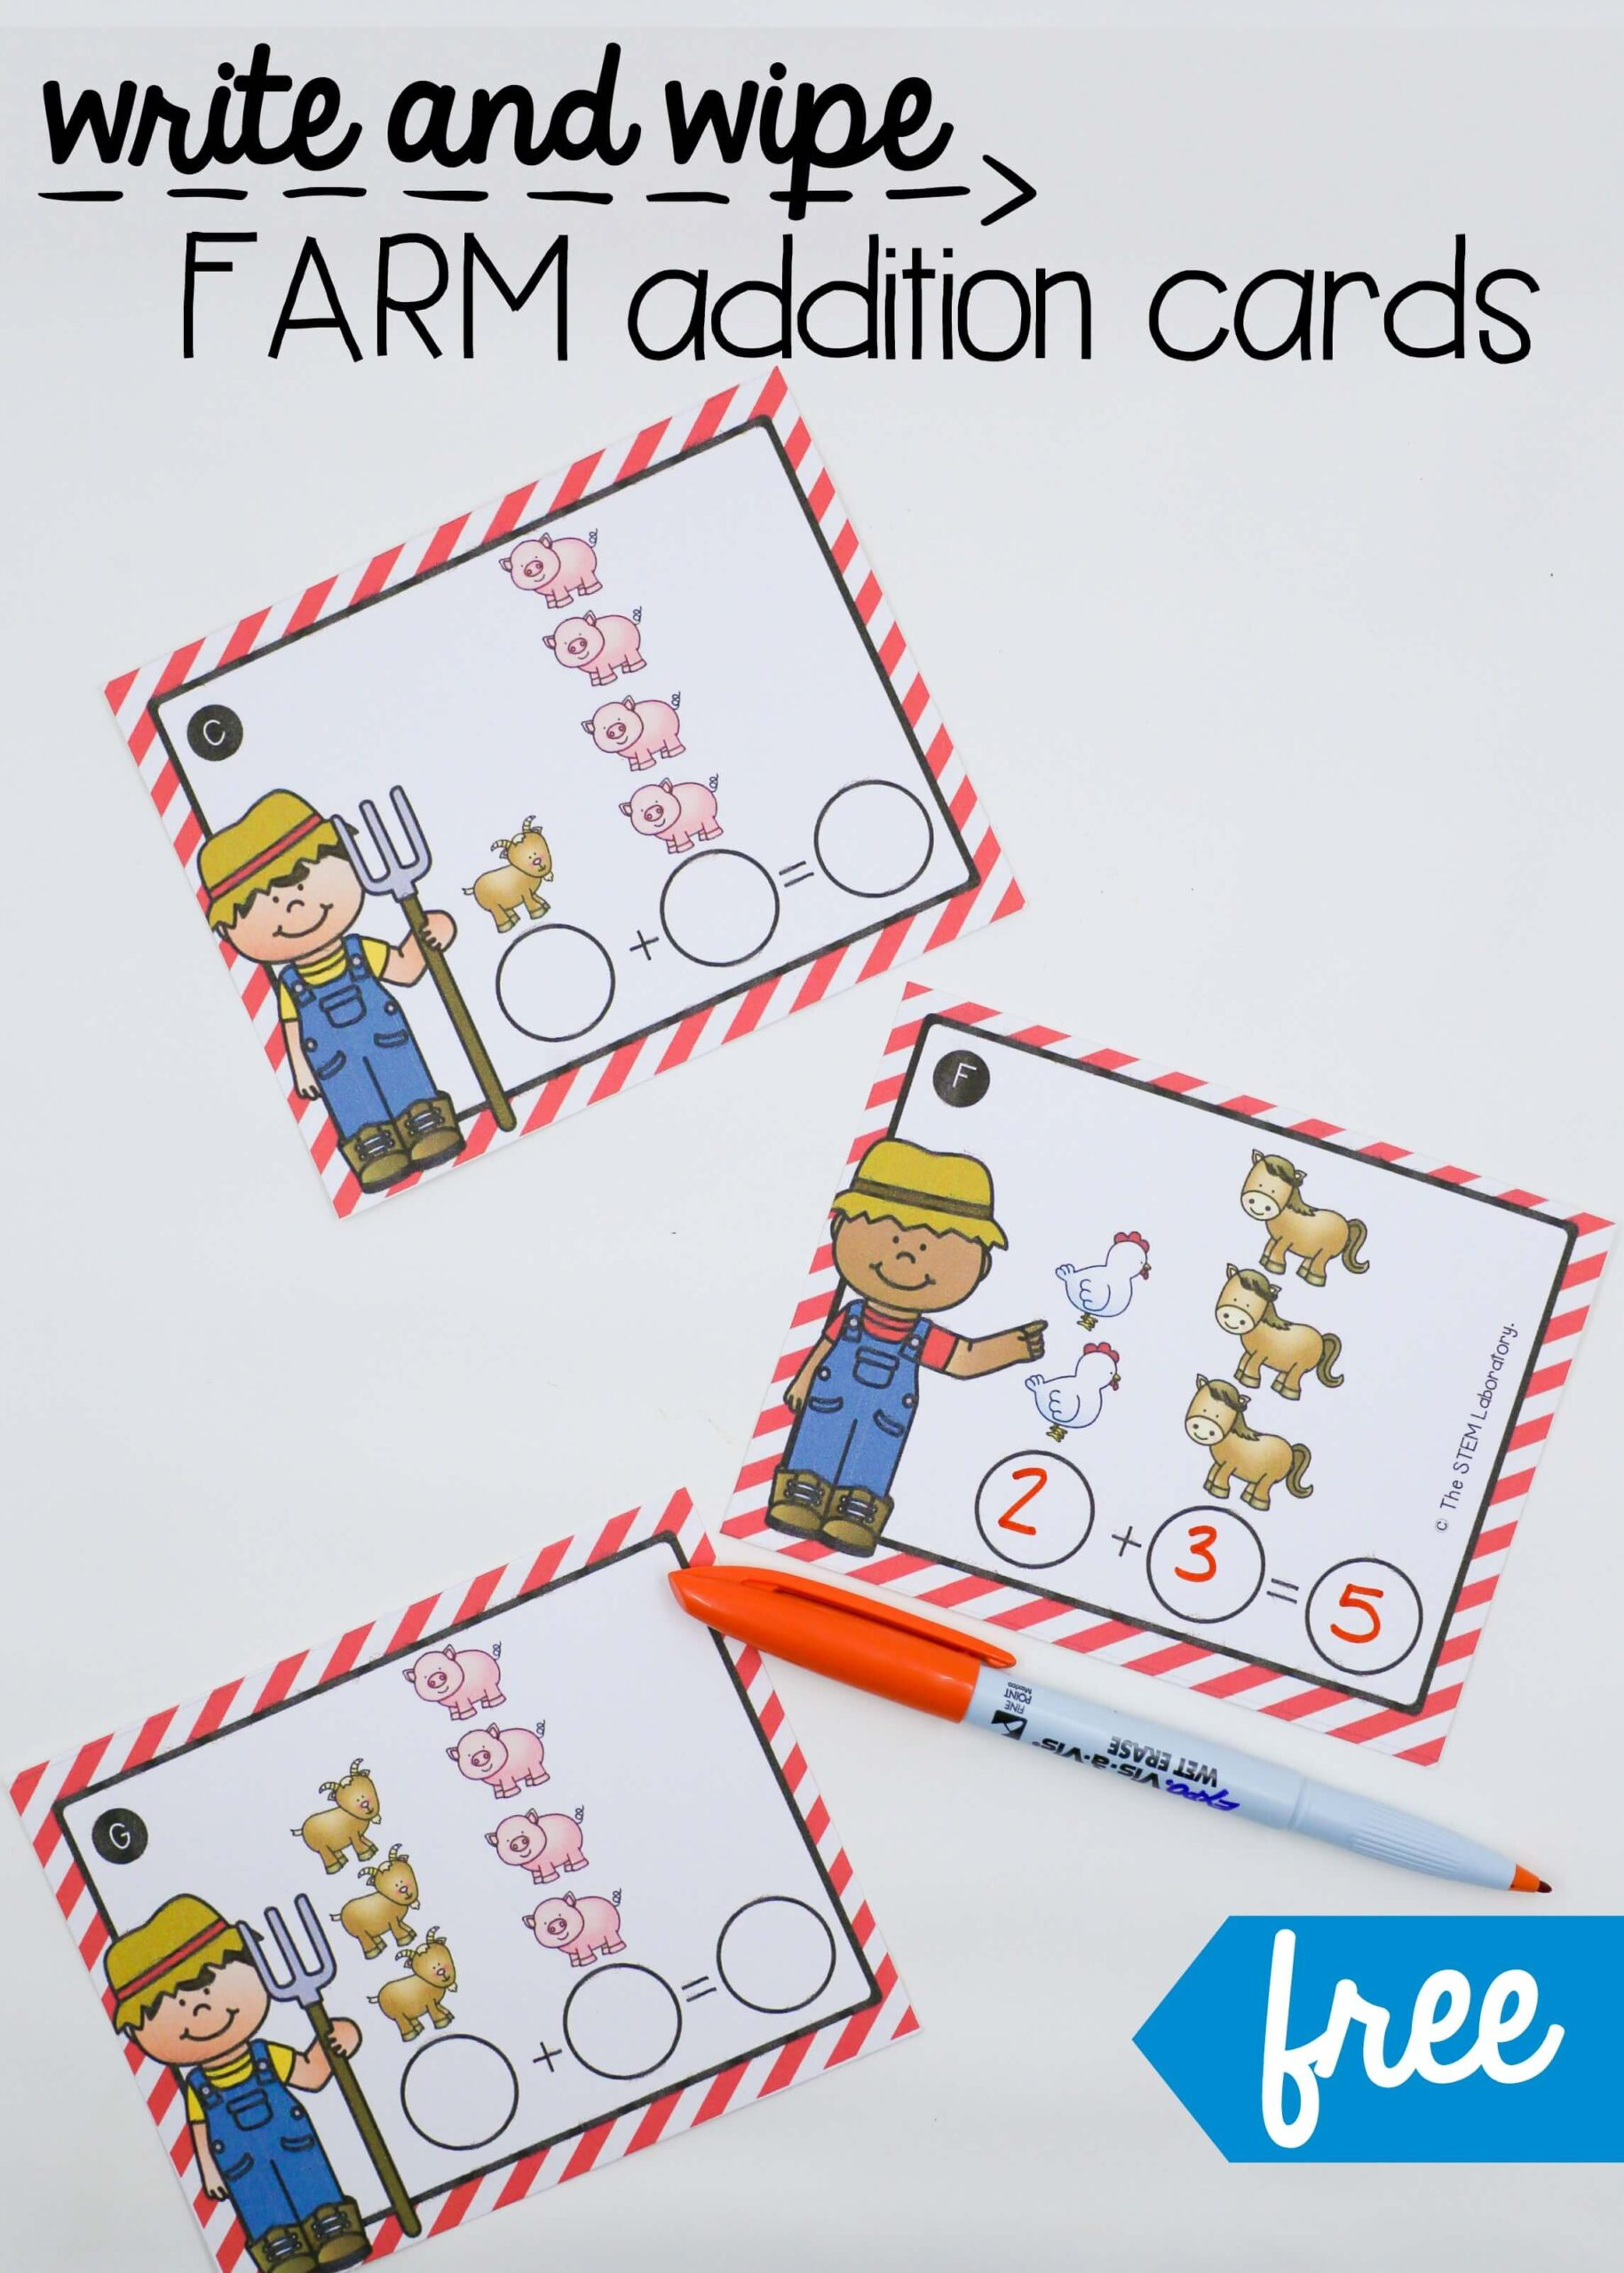 Farm Addition Cards